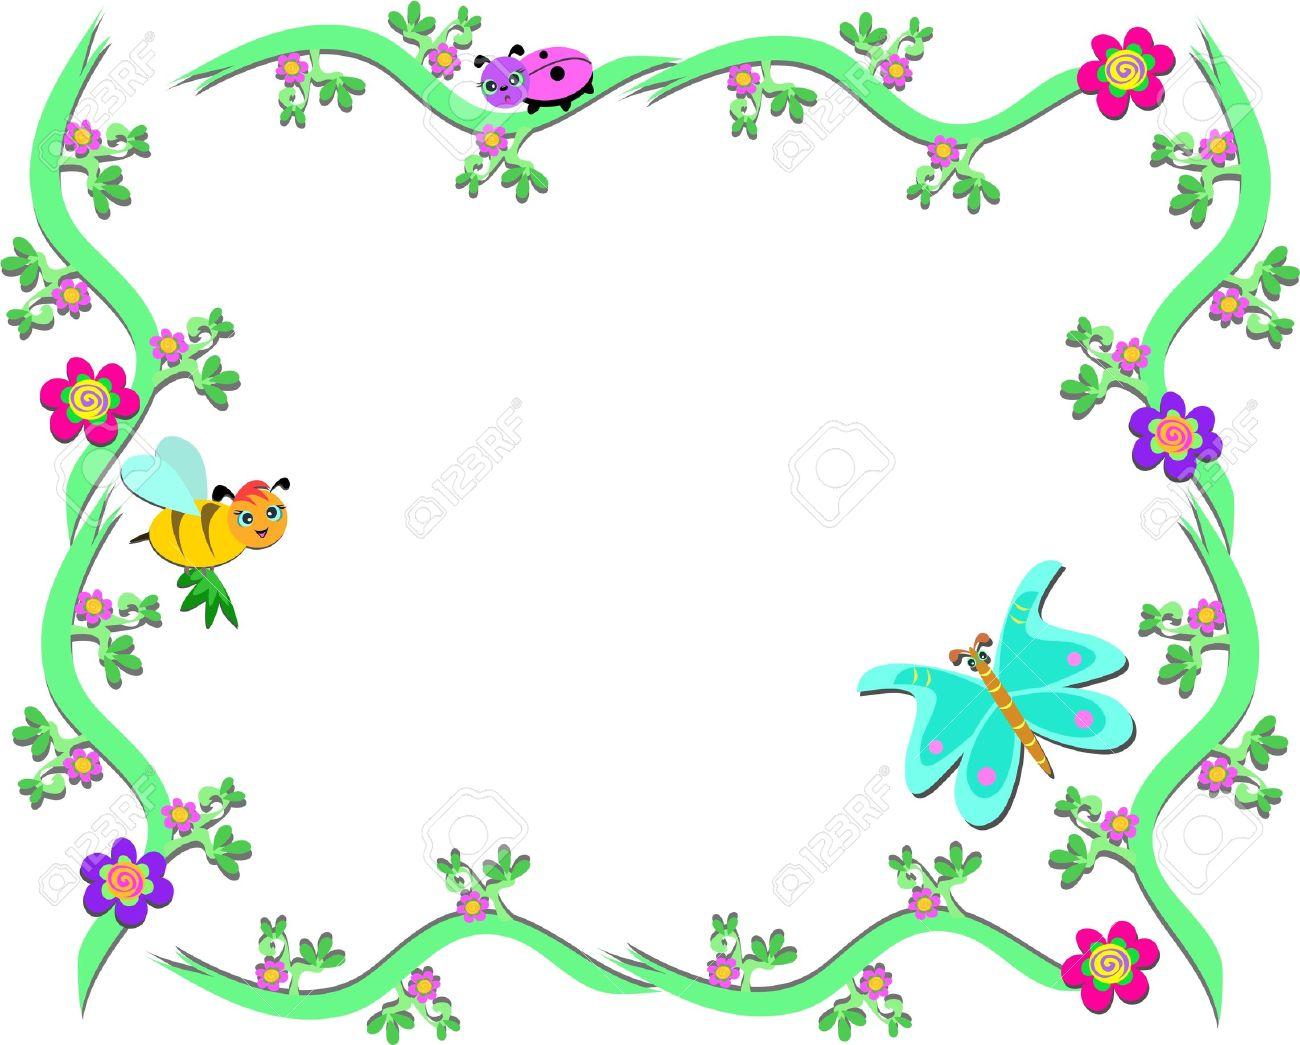 Butterflies Clipart Border.